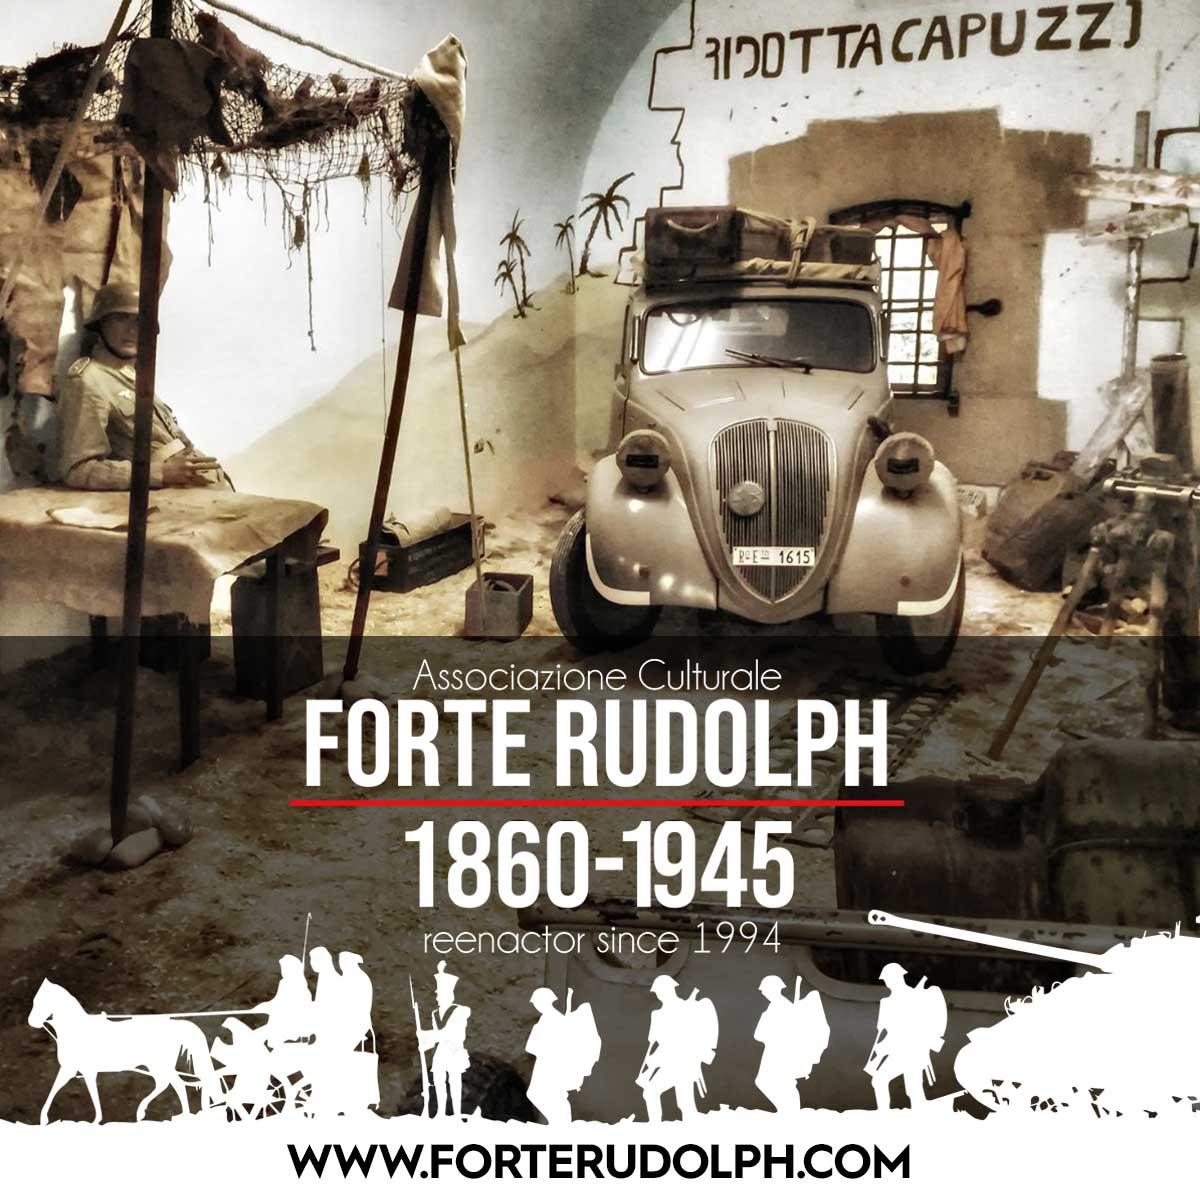 Forterudolph.com